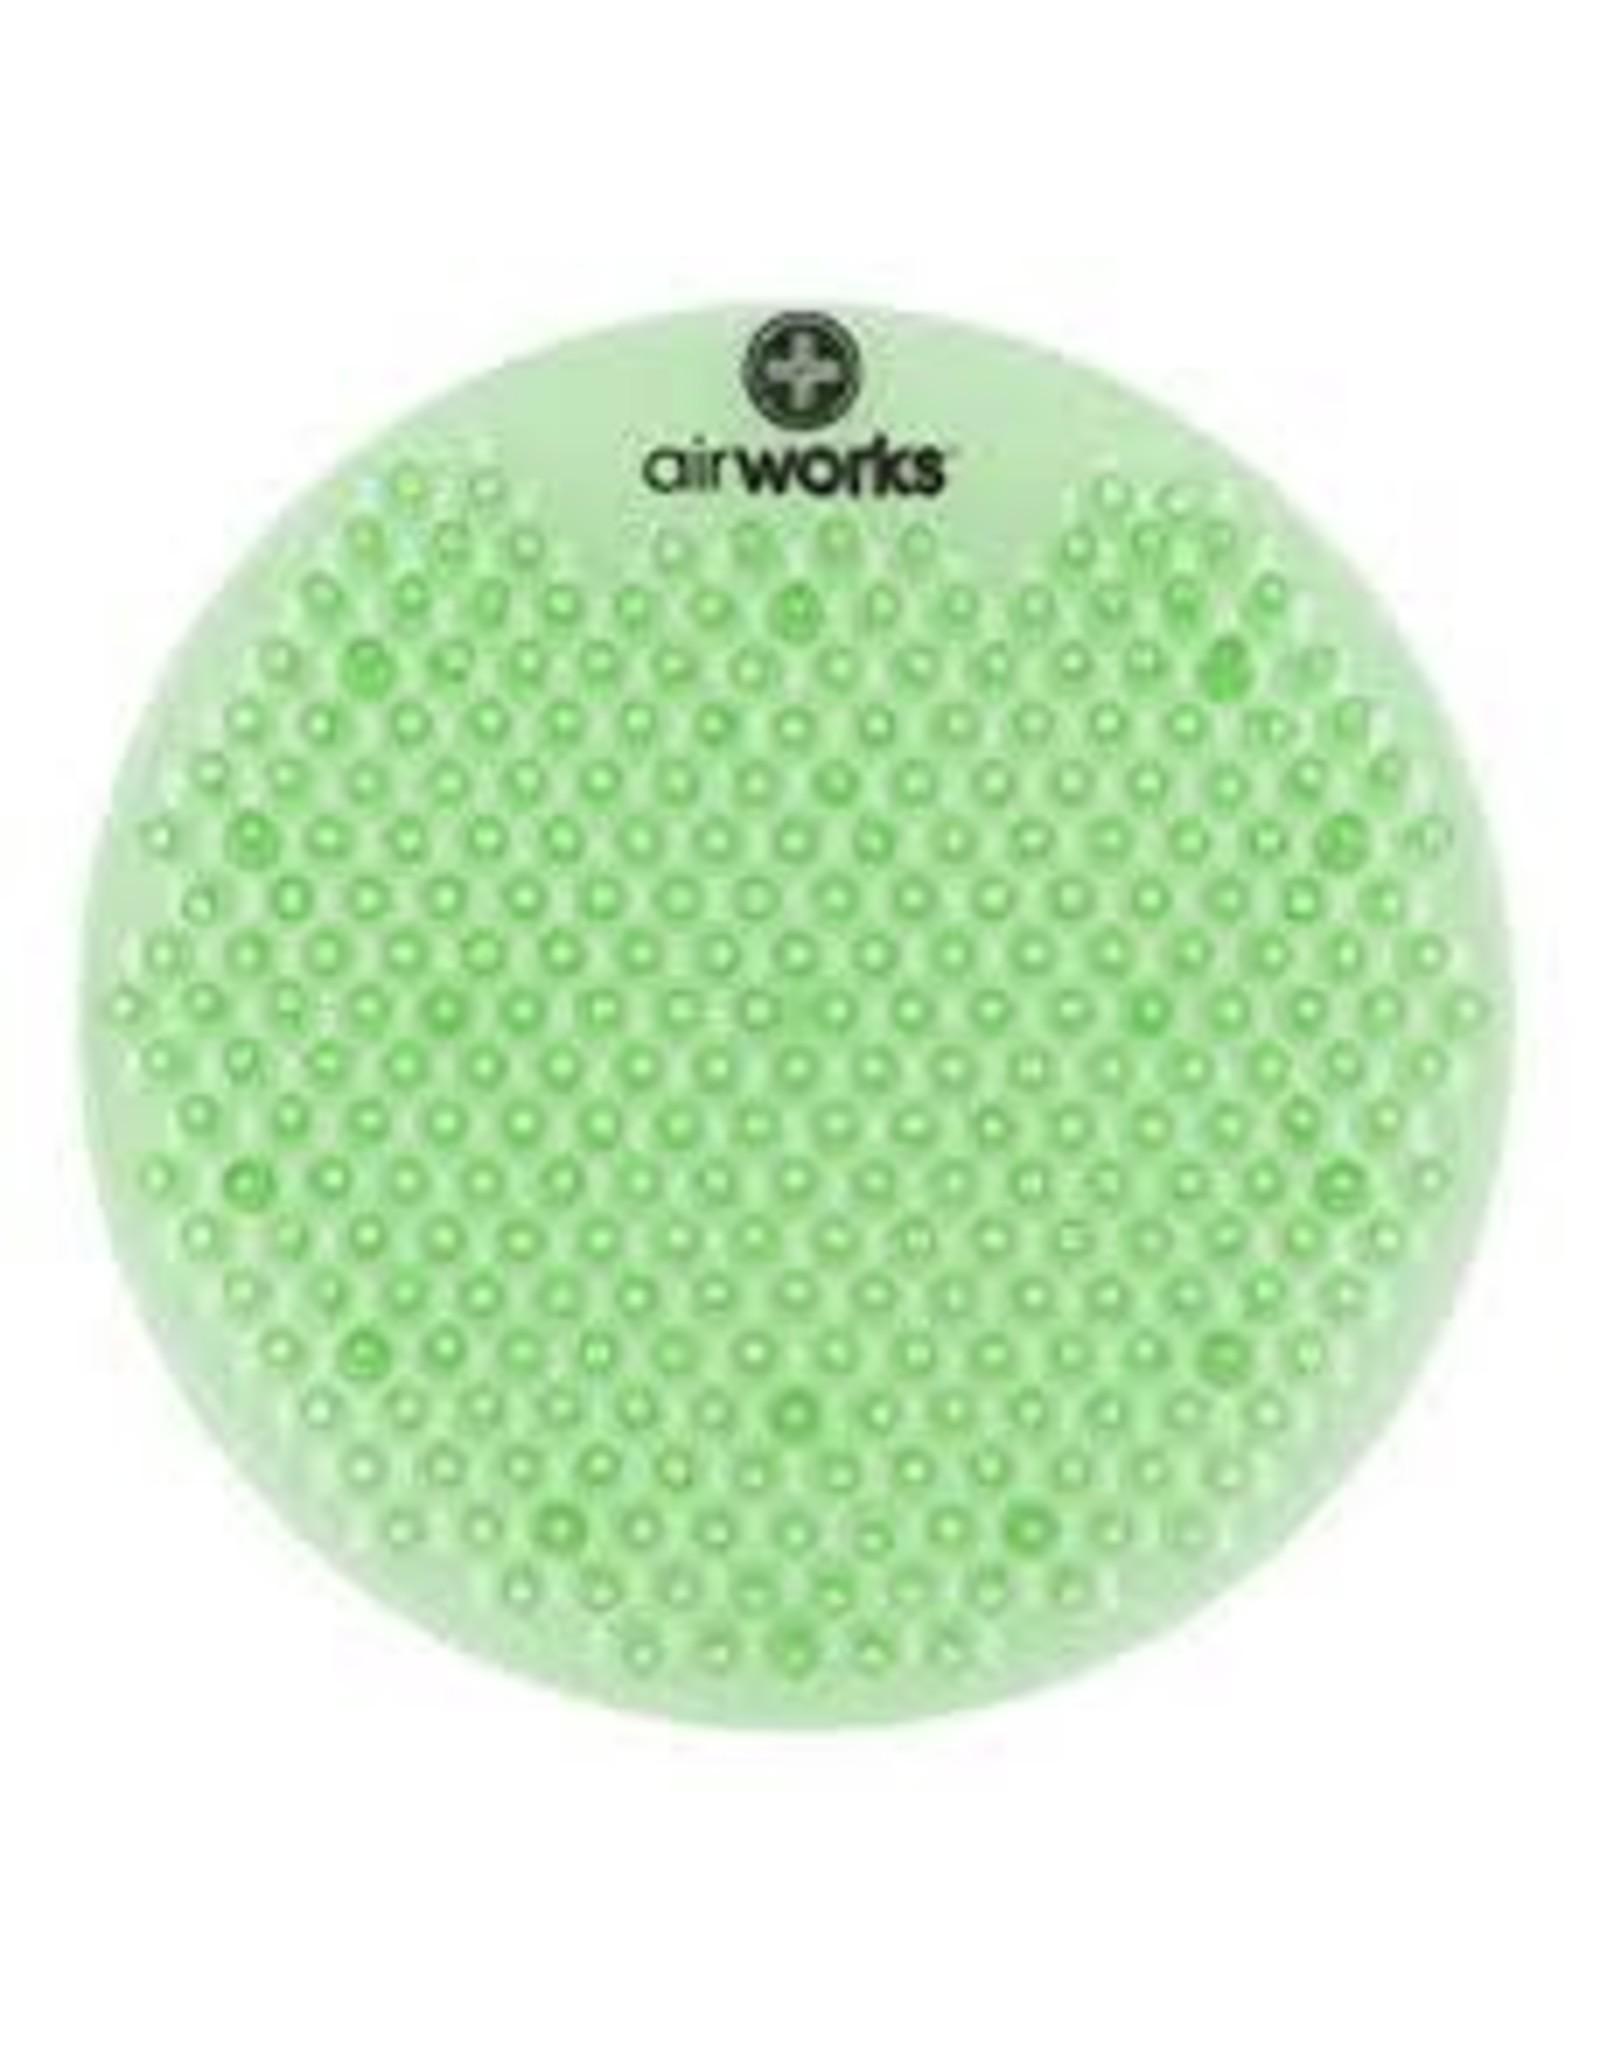 Airworks Cucumber/Melon Urinal Pads, 10/Box